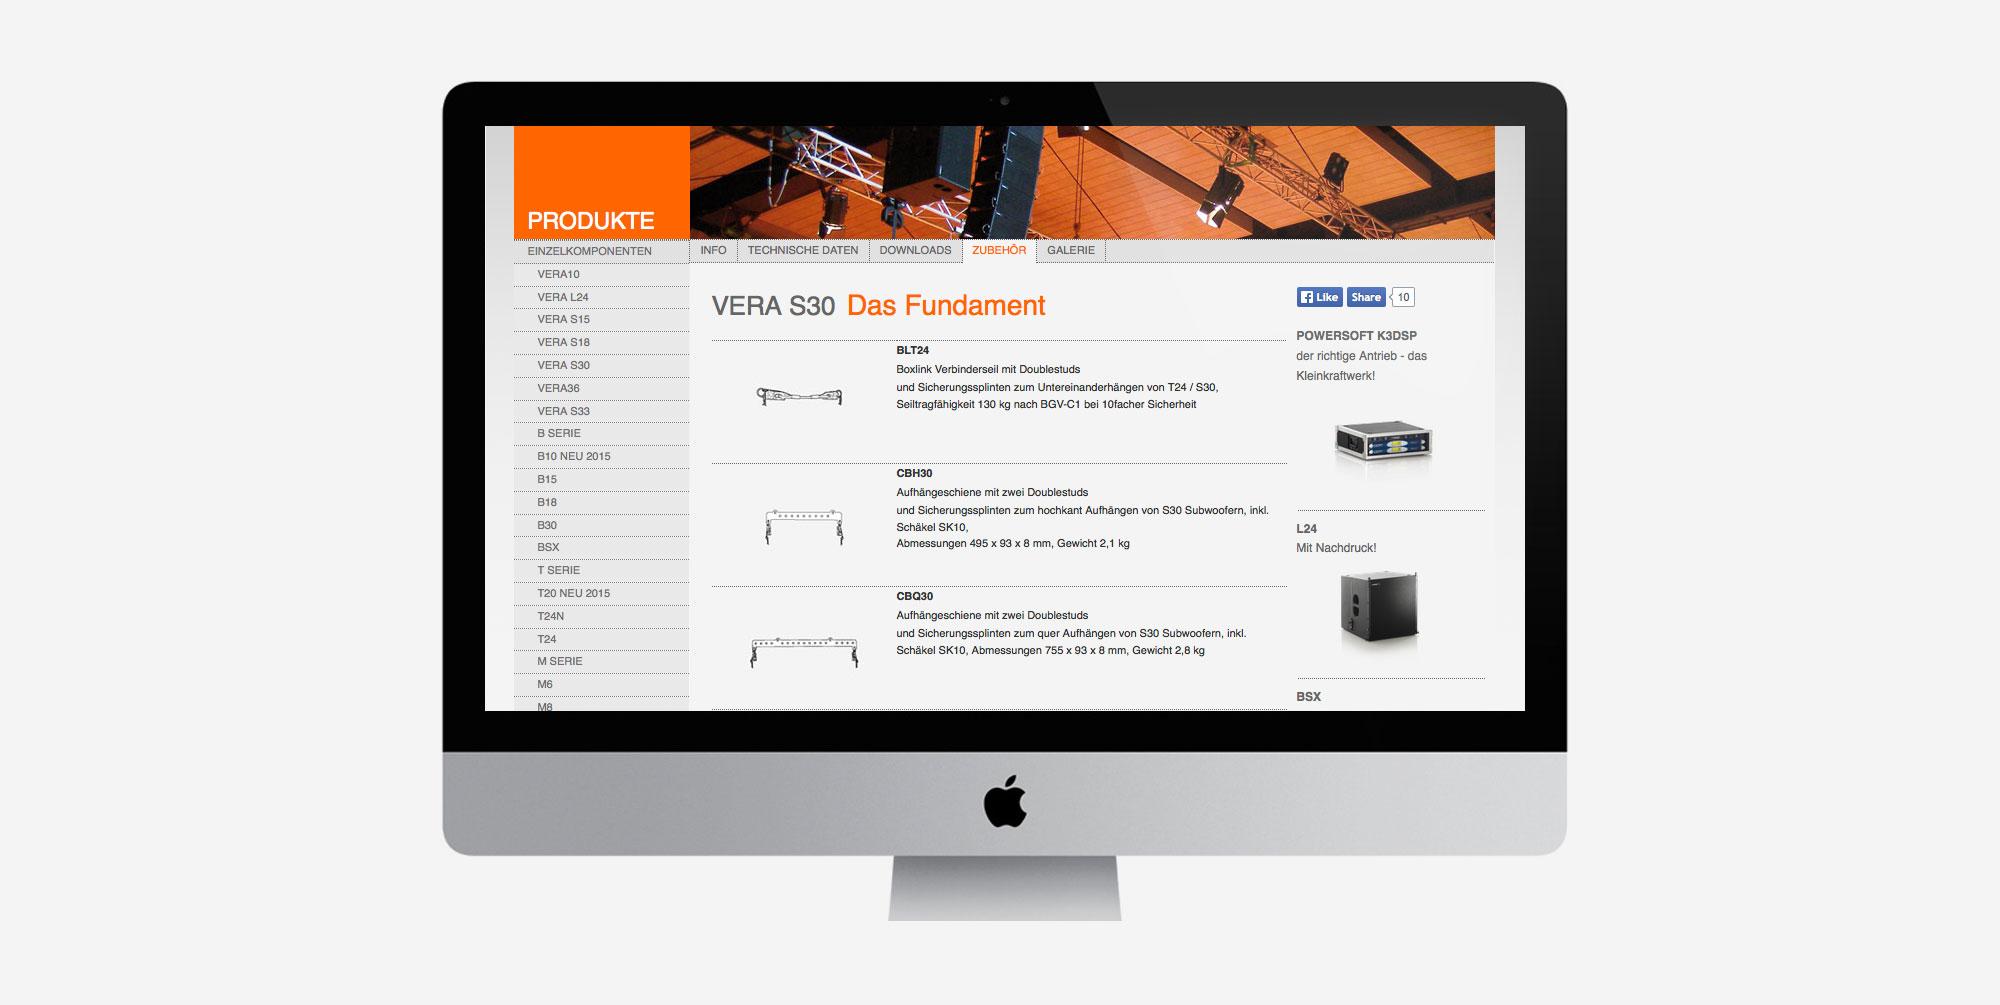 Für TW AUDiO aus Ludwigsburg entwickelte 75a die neue Website